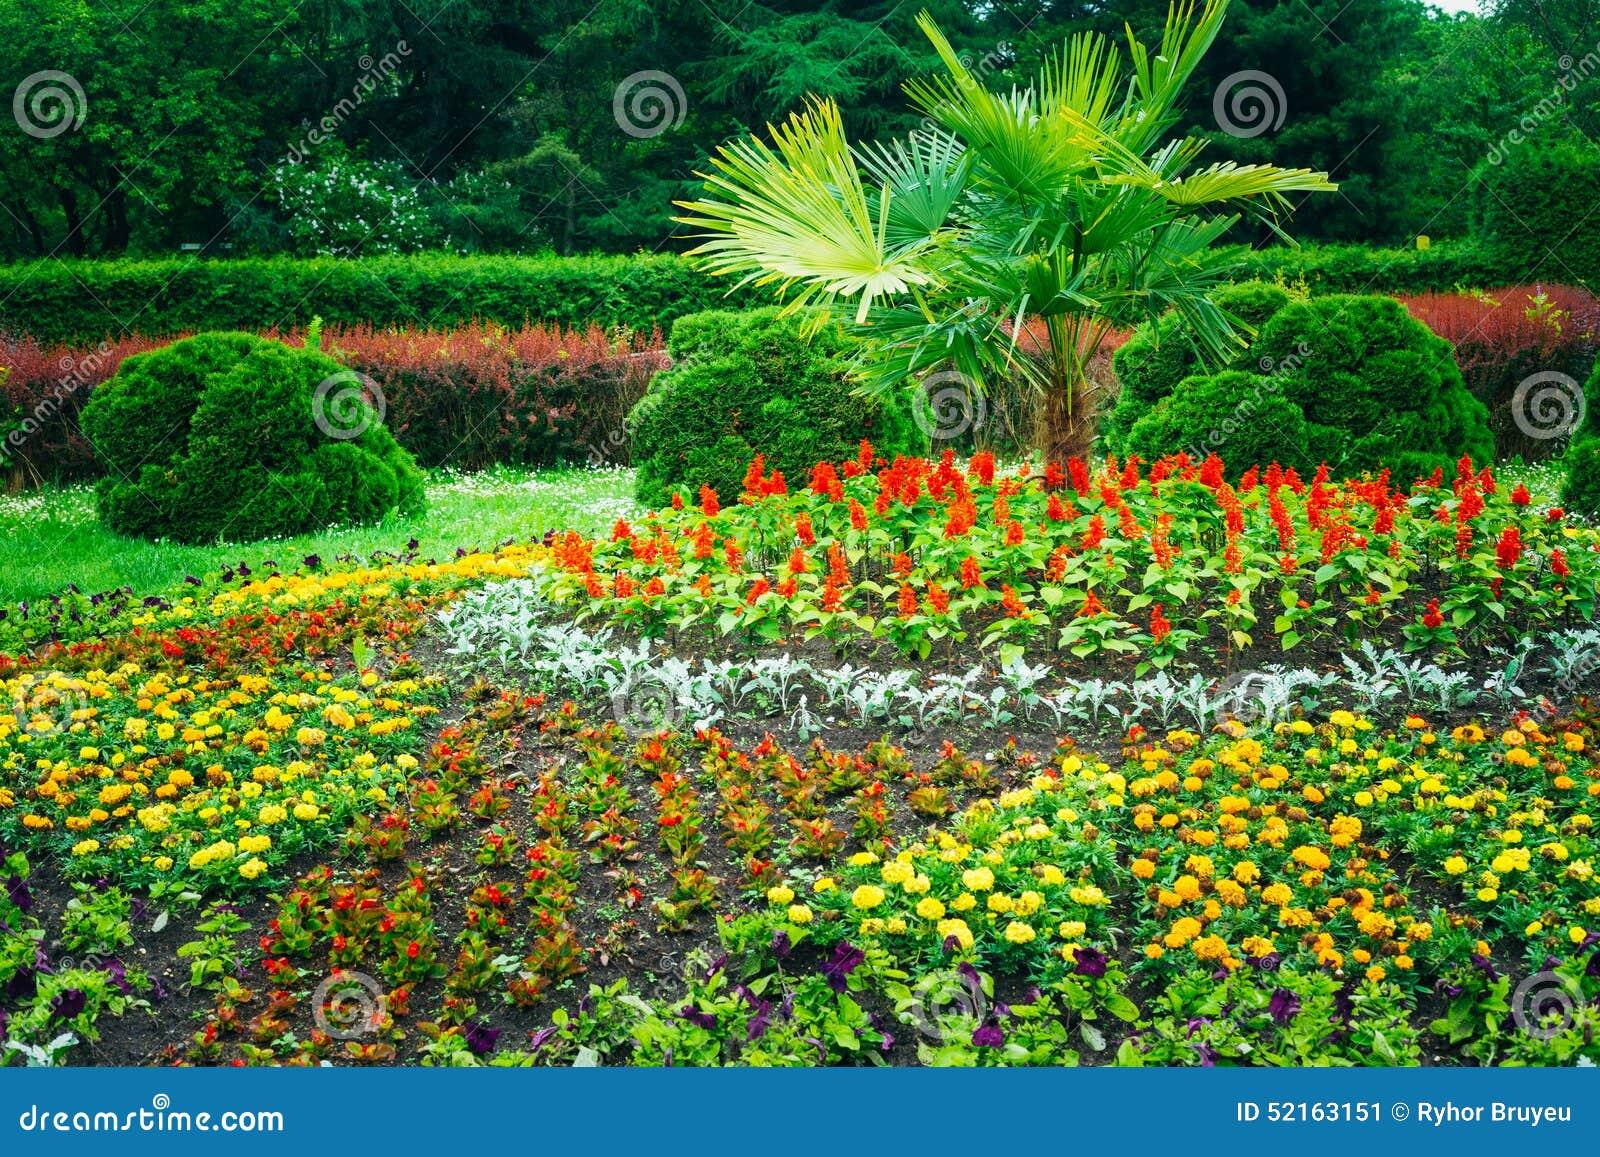 Green Art Landscape Garden Design : Garden landscaping design flower bed green trees stock